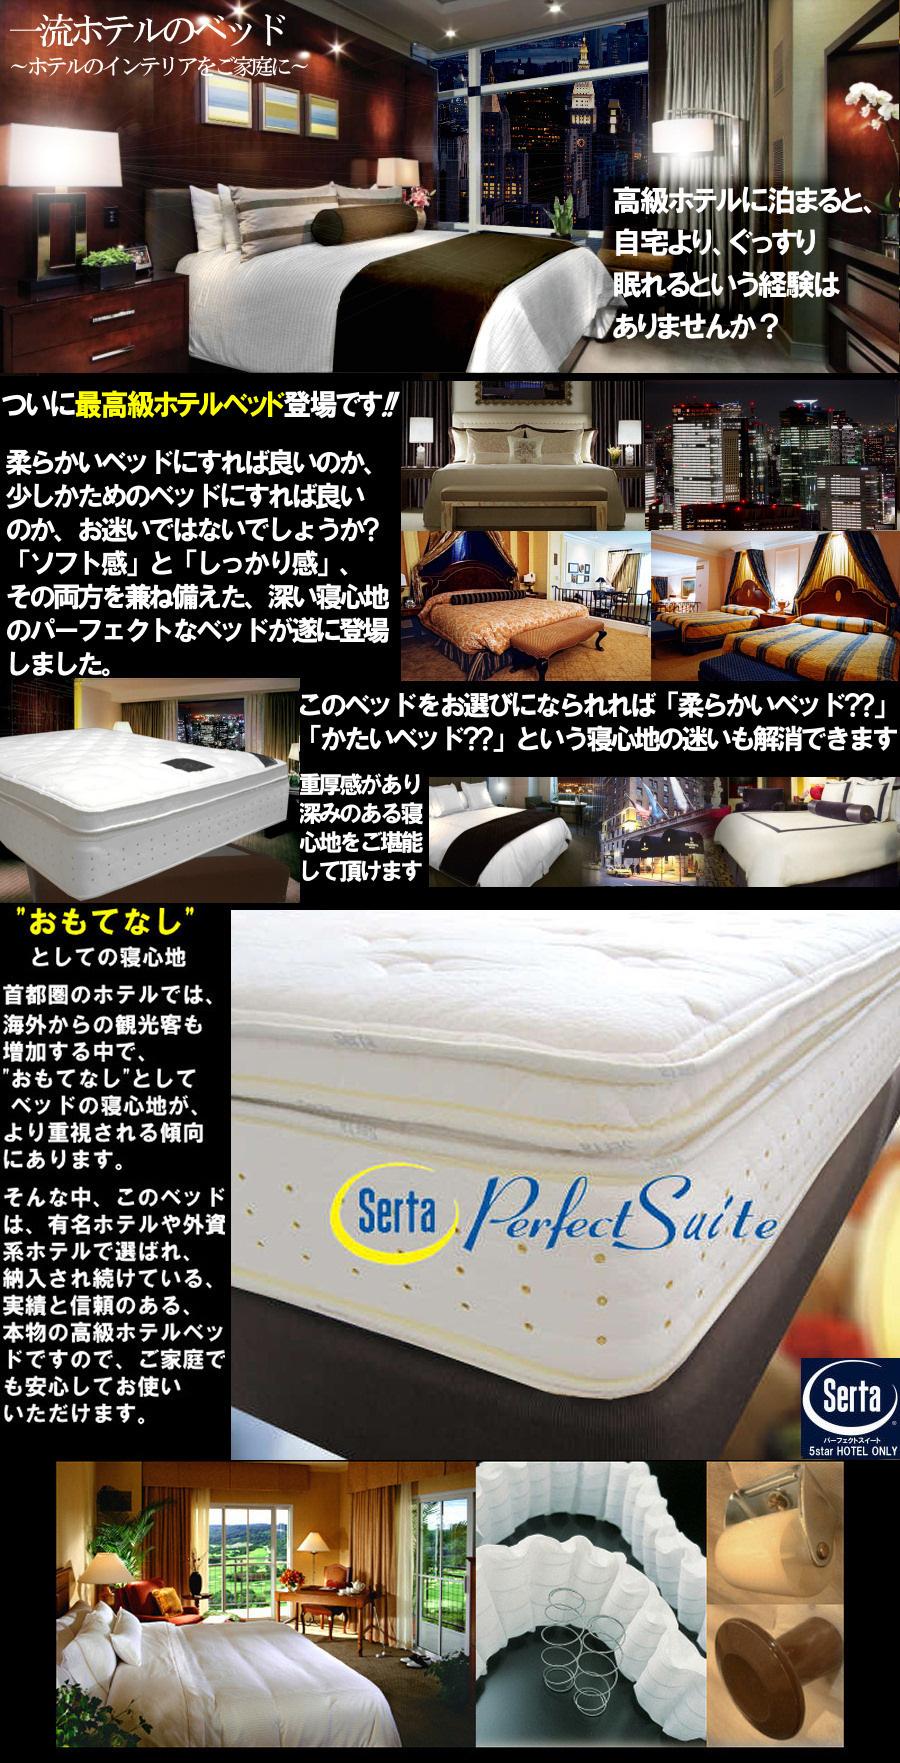 最高級ホテルベッド サータ パーフェクトスリーパー